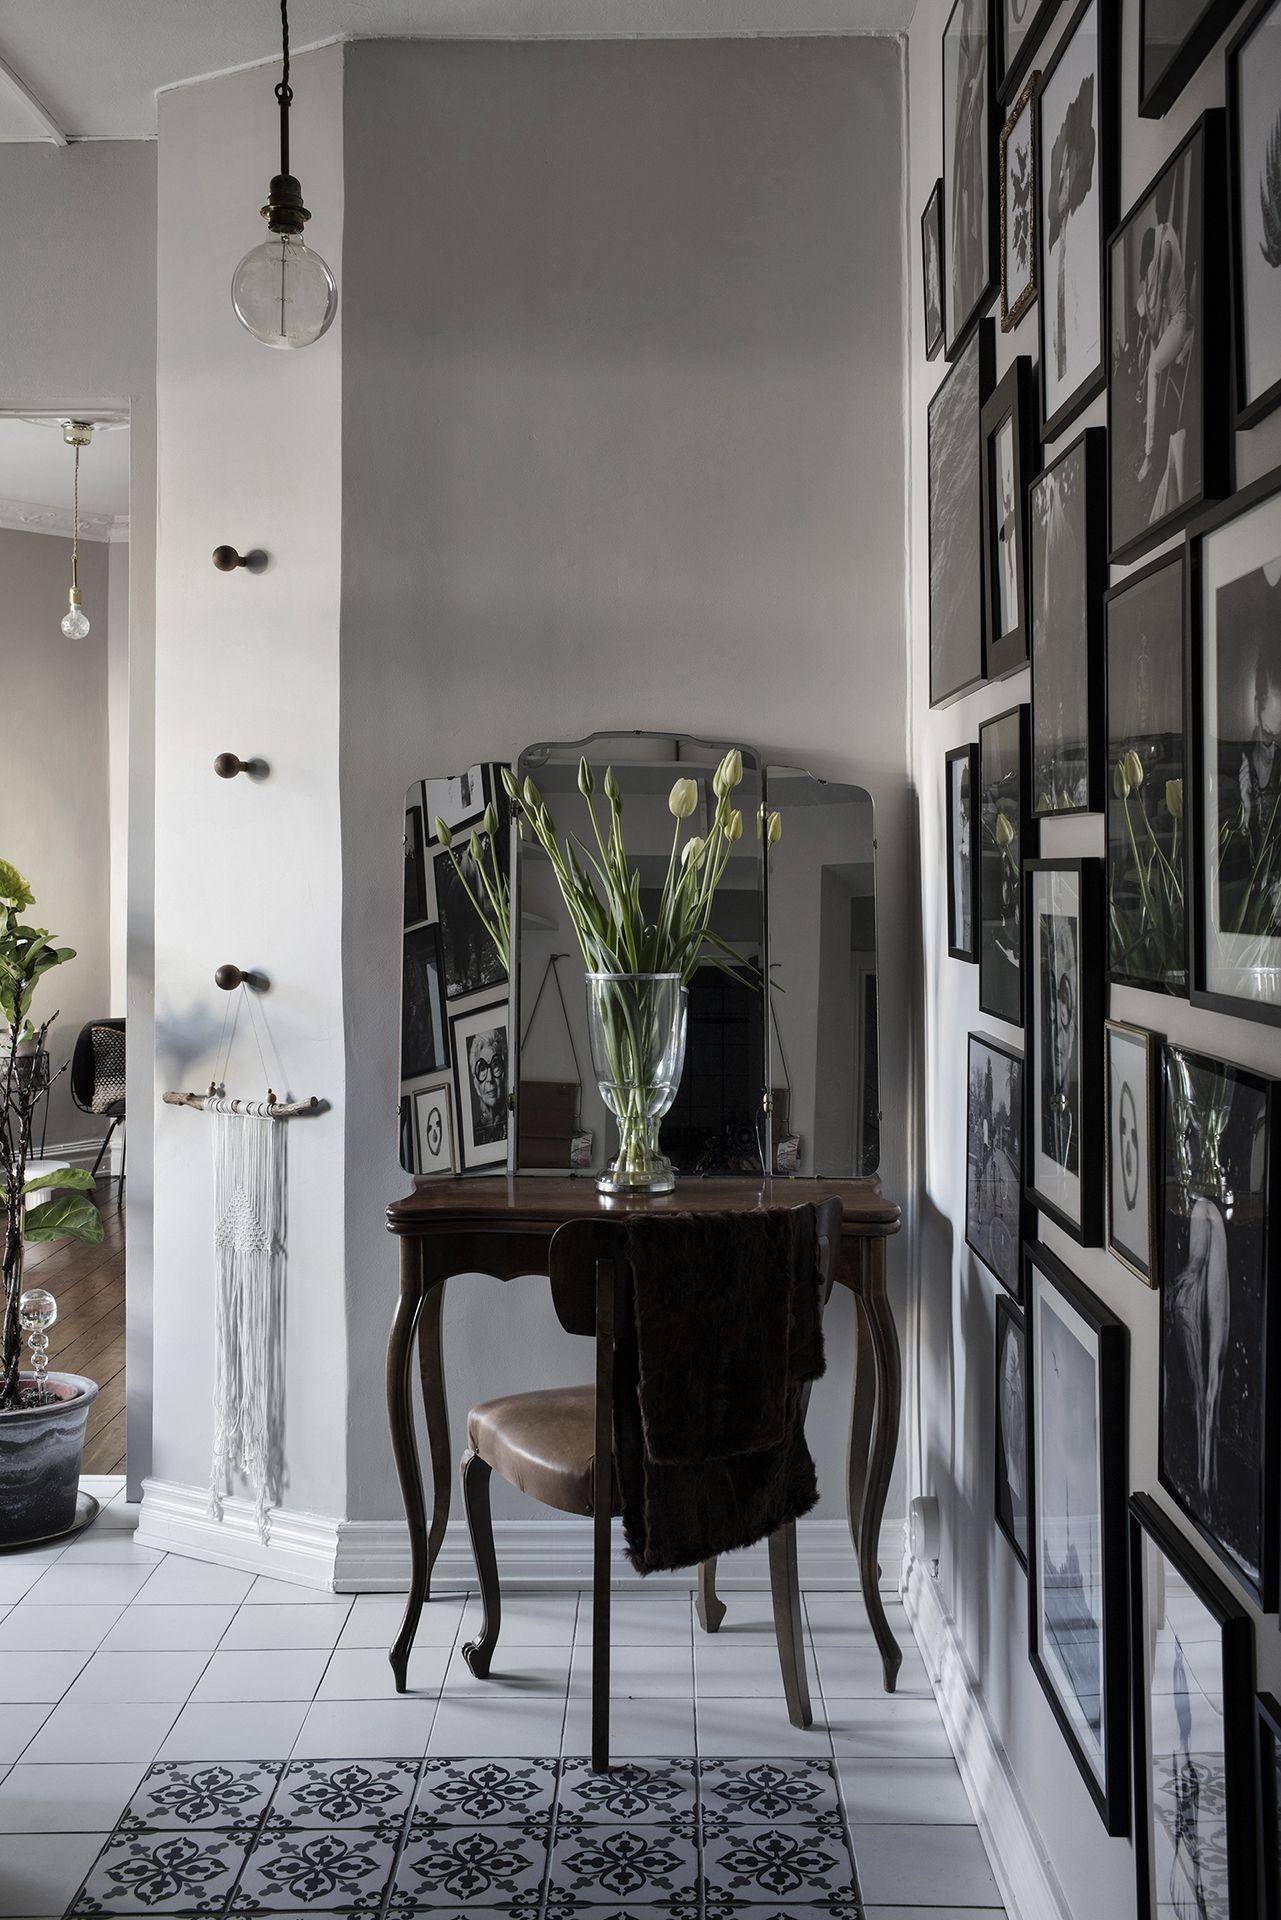 #HomeDecor #Mirror #Tiles #Frames